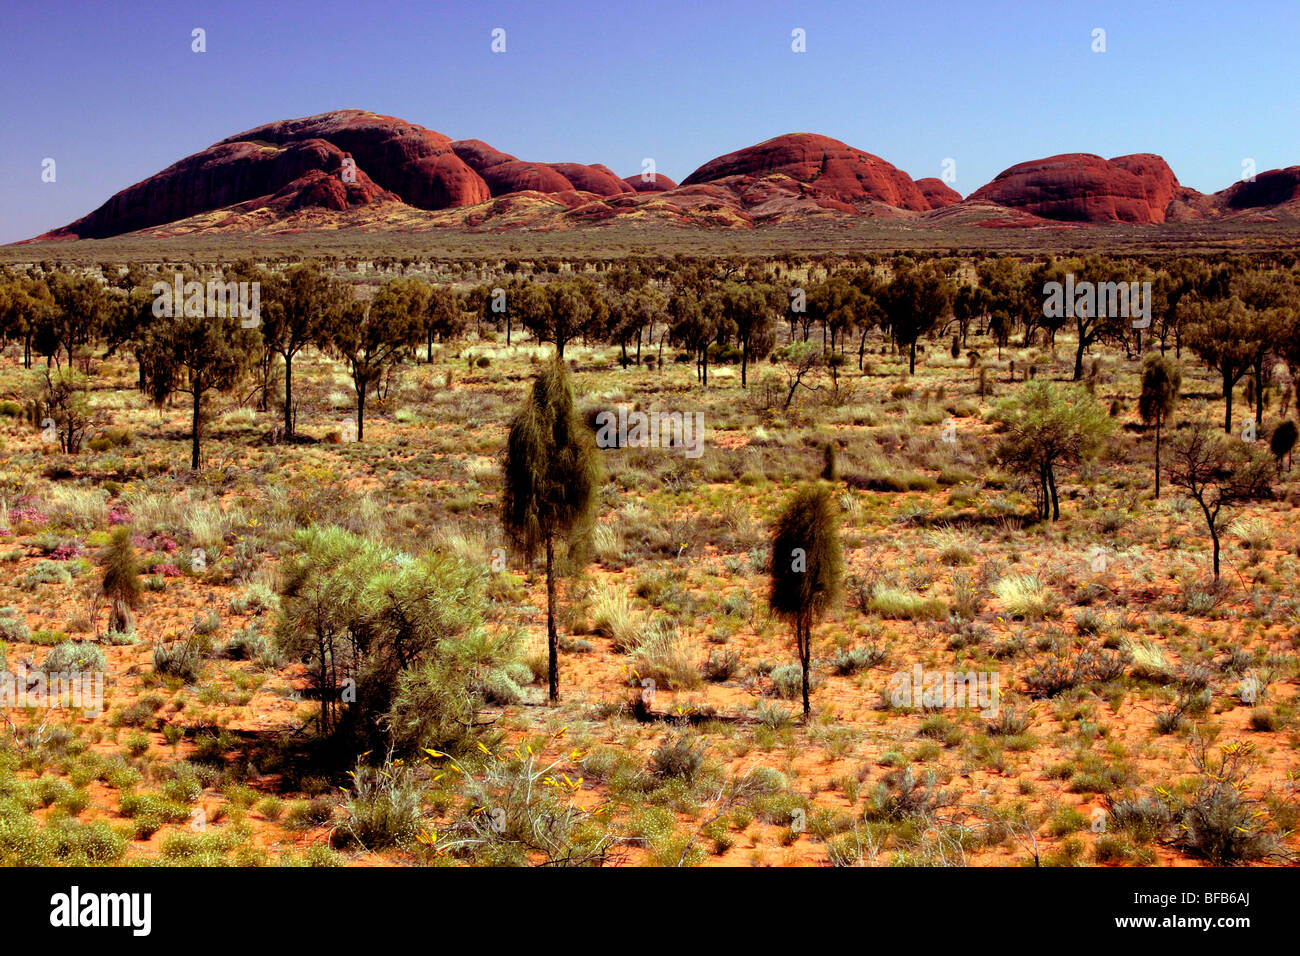 View of Kata Tjuta 'The Olgas', Australia - Stock Image